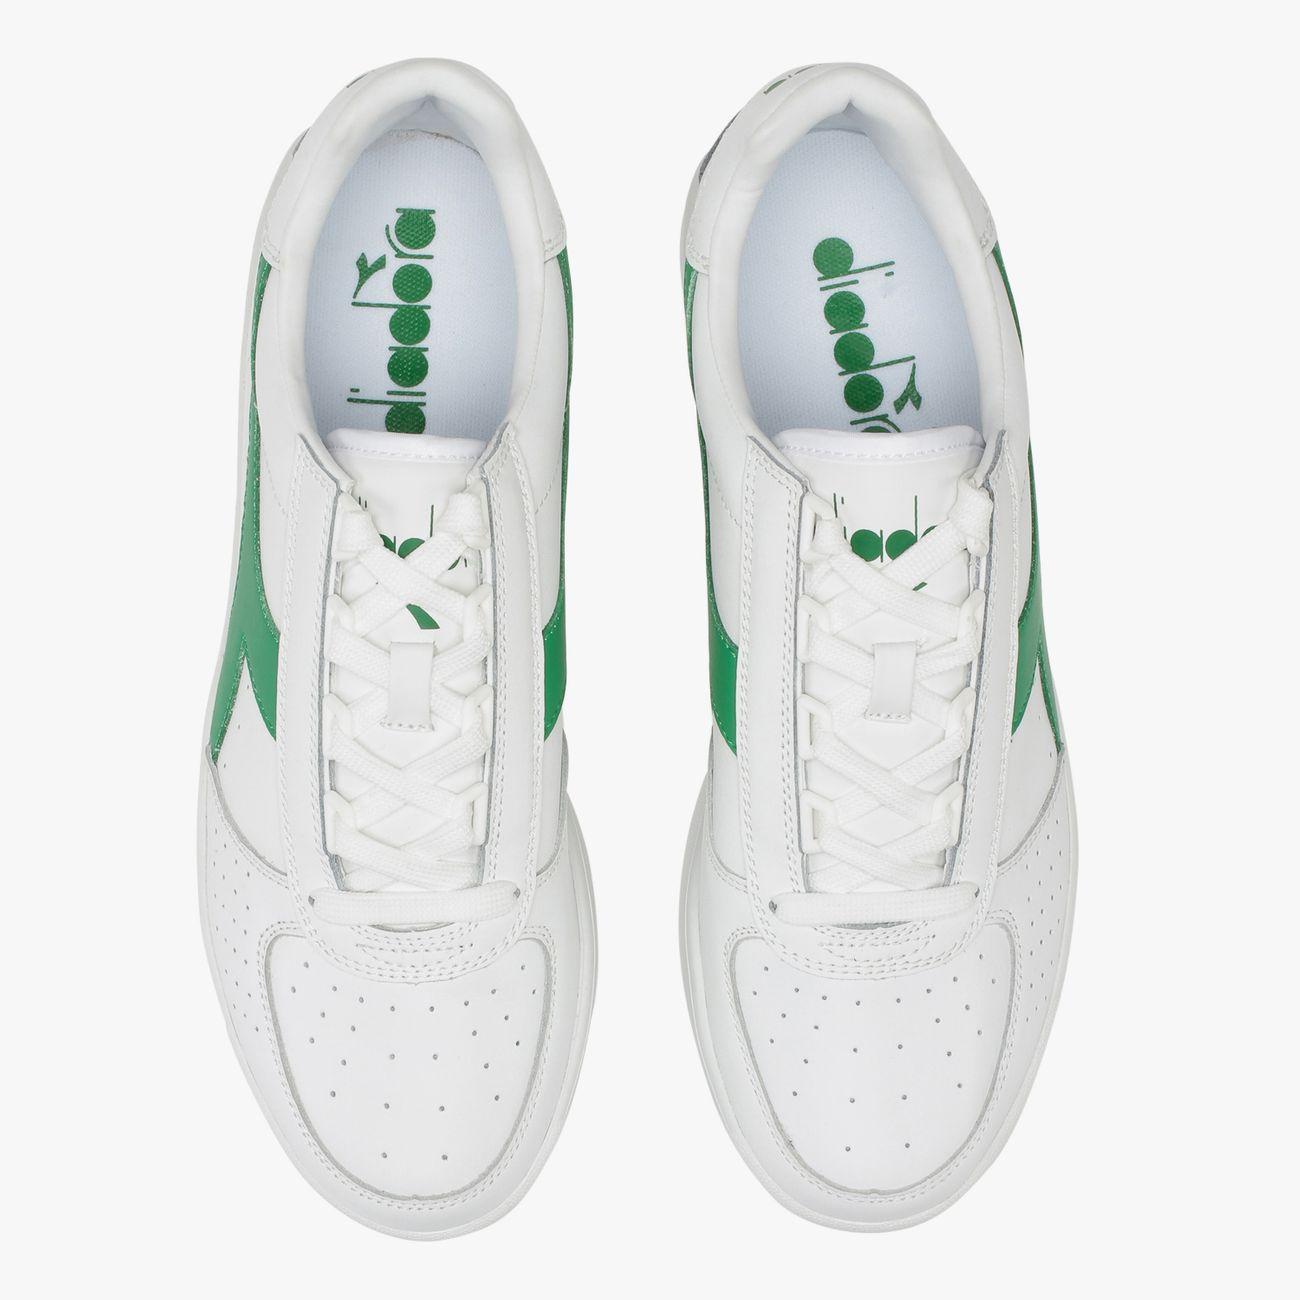 Adulte Diadora Chaussures ModeLifestyle B elite 08nwvymOPN